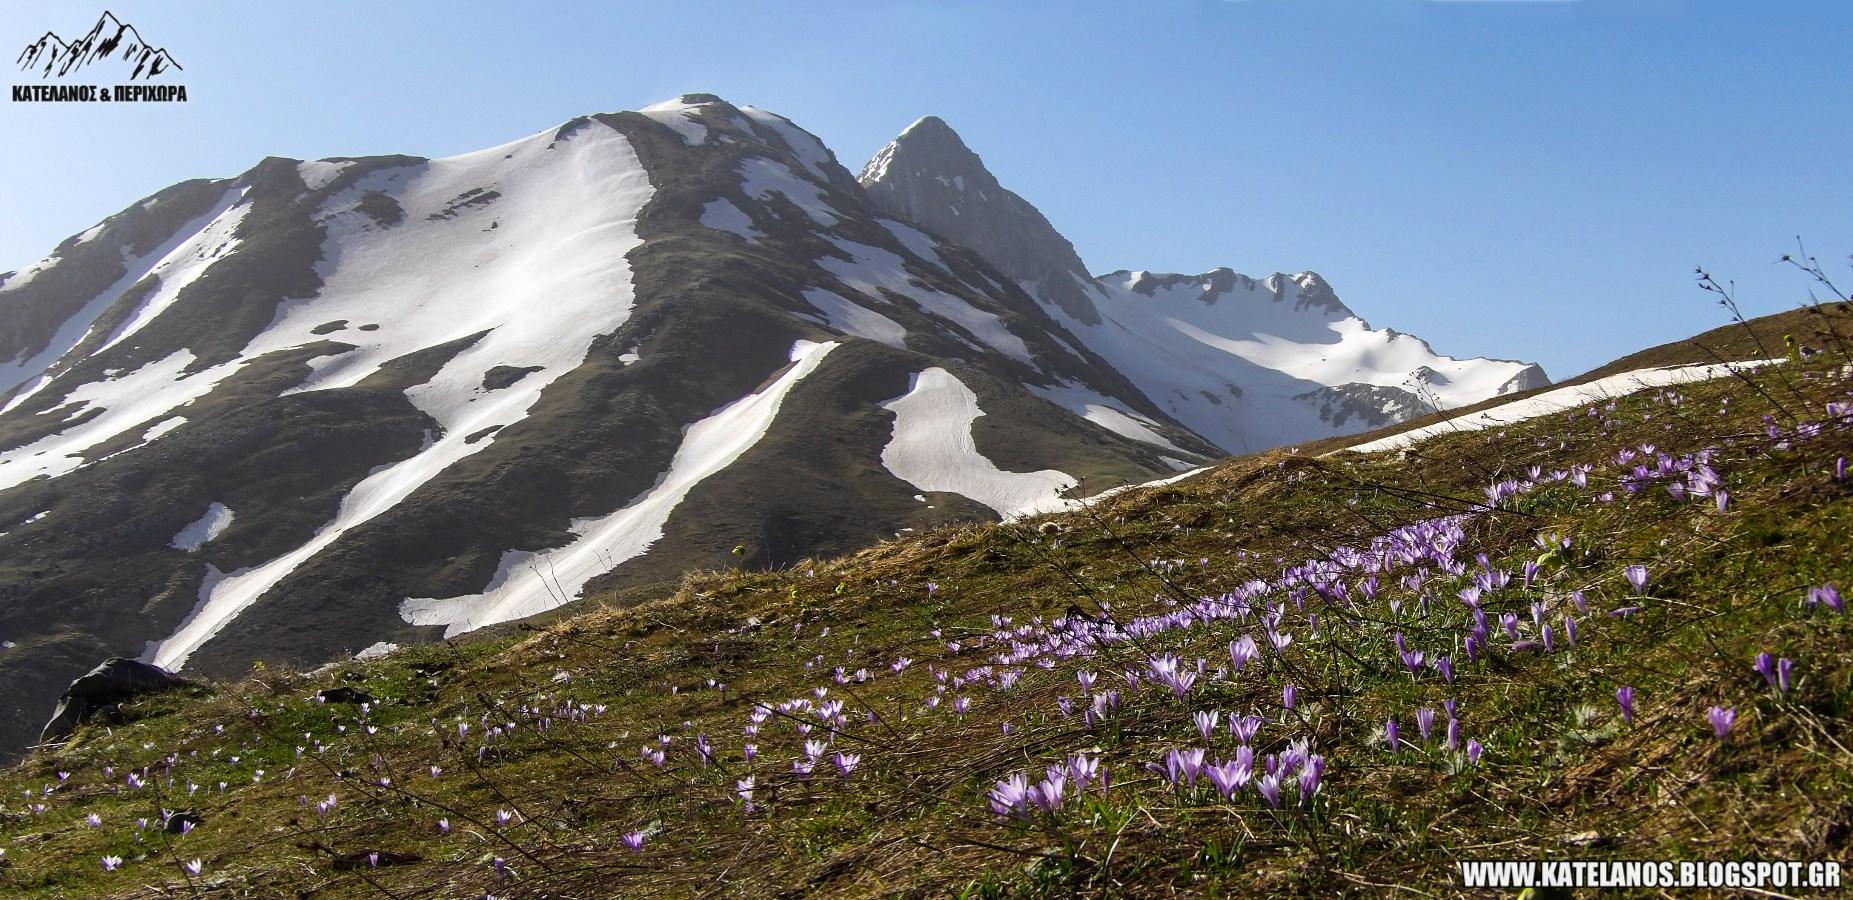 ανοιξη στο βουνο ελληνικα βουνα χατζη μεσοχωρα τρικαλα